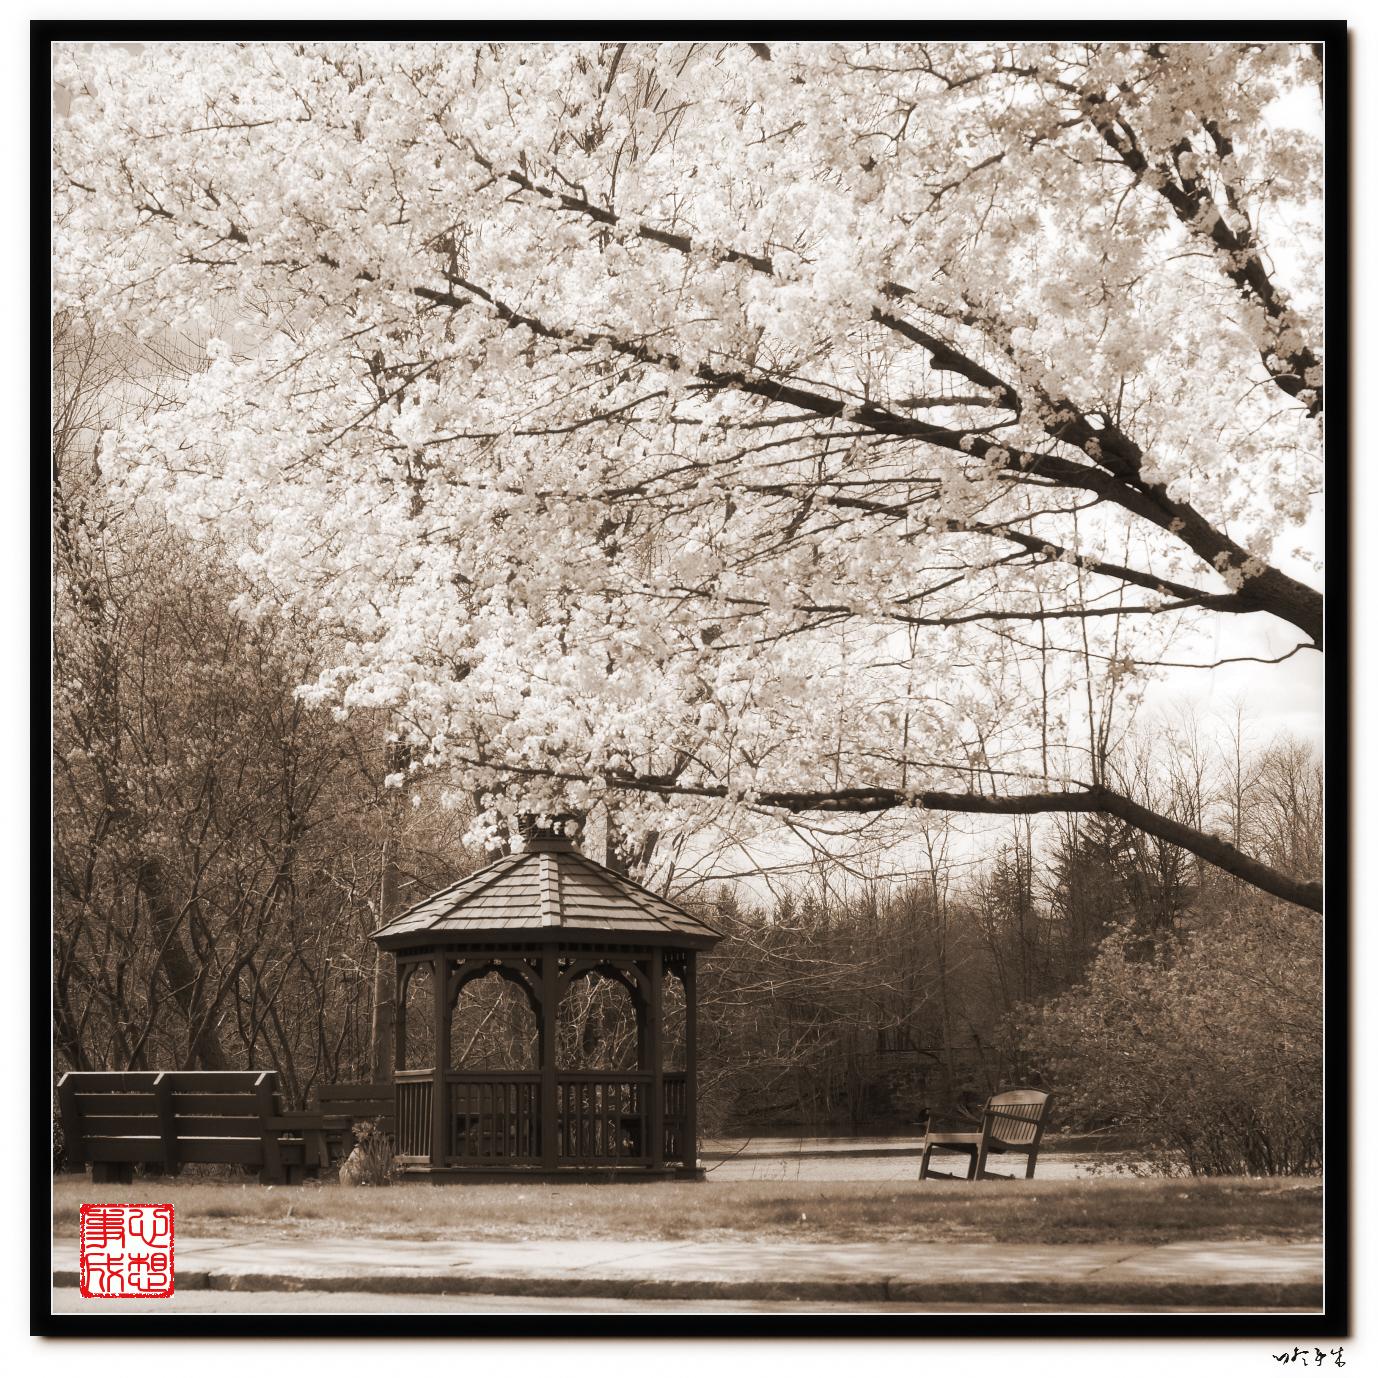 【心想事成】走进春天,感受春意_图1-1